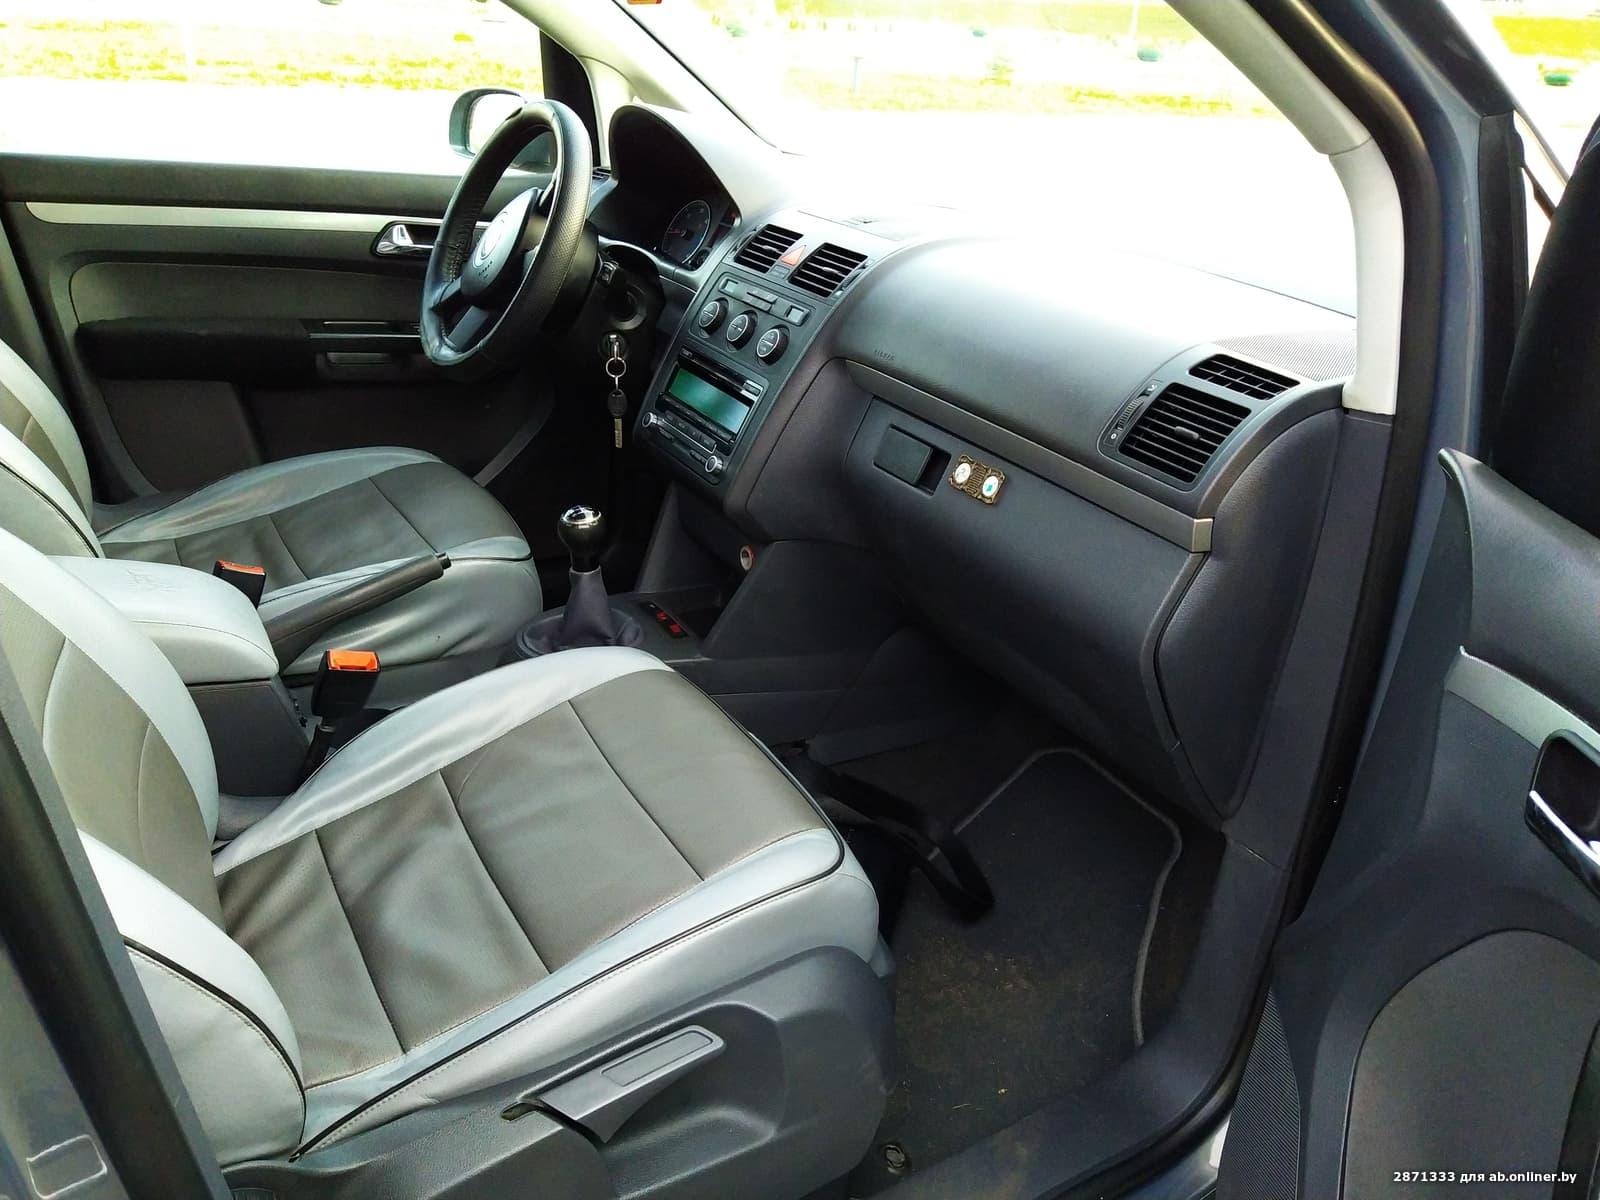 Volkswagen Touran ideal